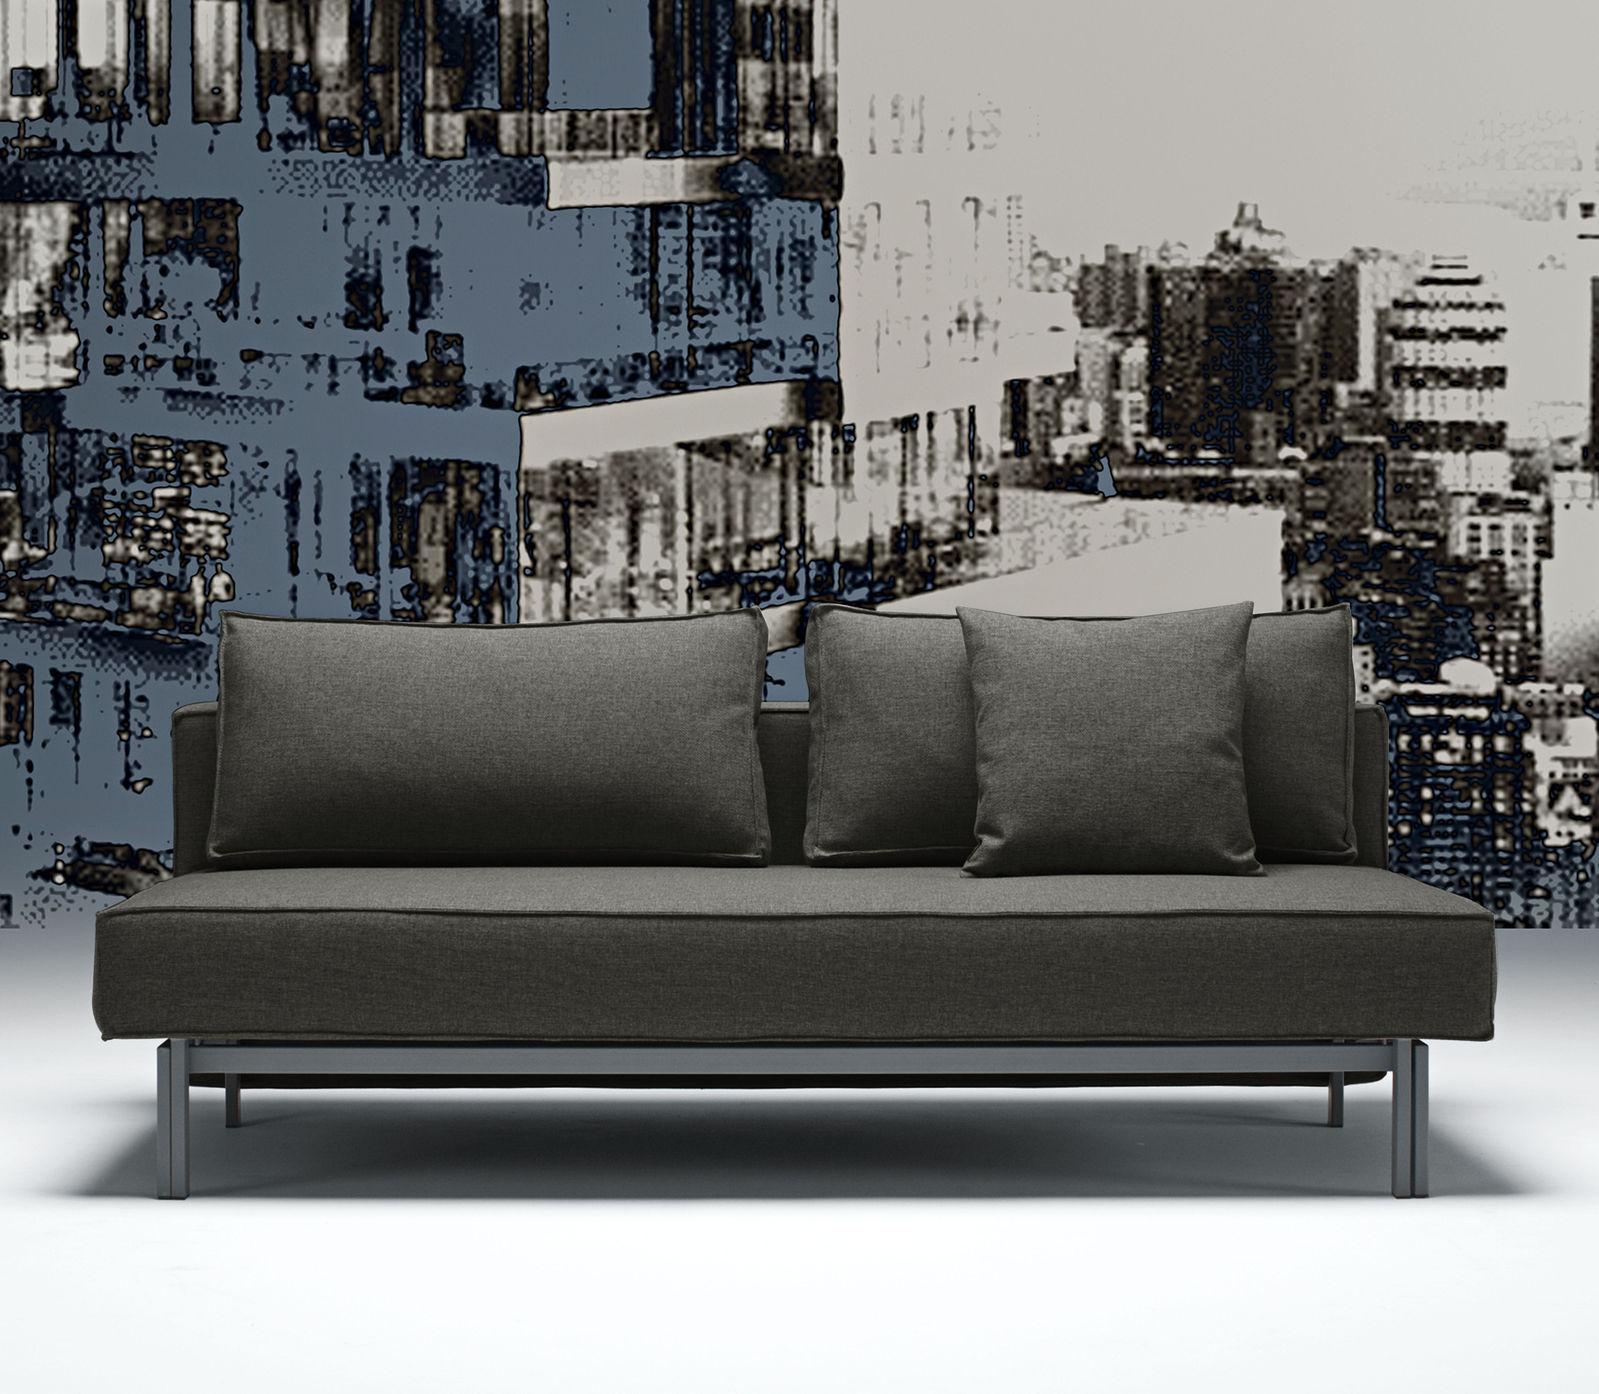 schlafsofa mit federkern und 140x200 cm liegefl che ellwood. Black Bedroom Furniture Sets. Home Design Ideas